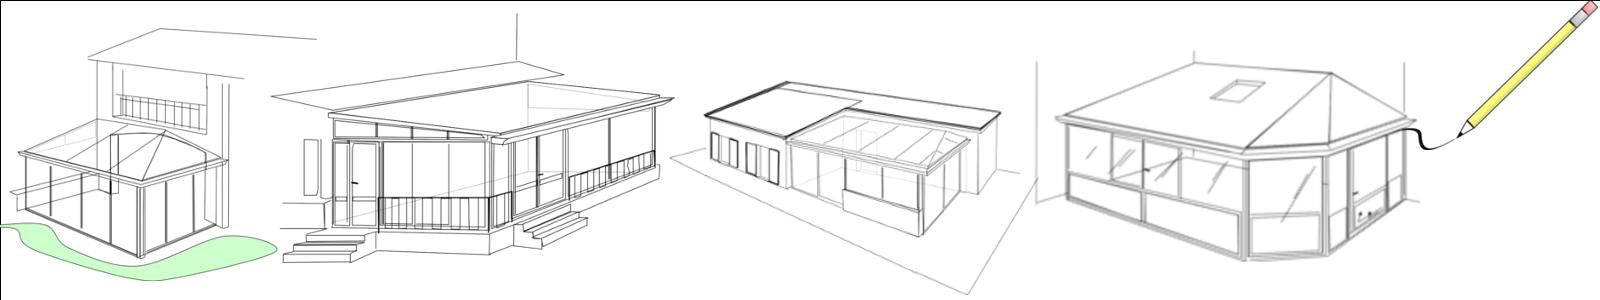 Fabricant de v randas r alisation d 39 extensions bois alu for Construire jardin d hiver